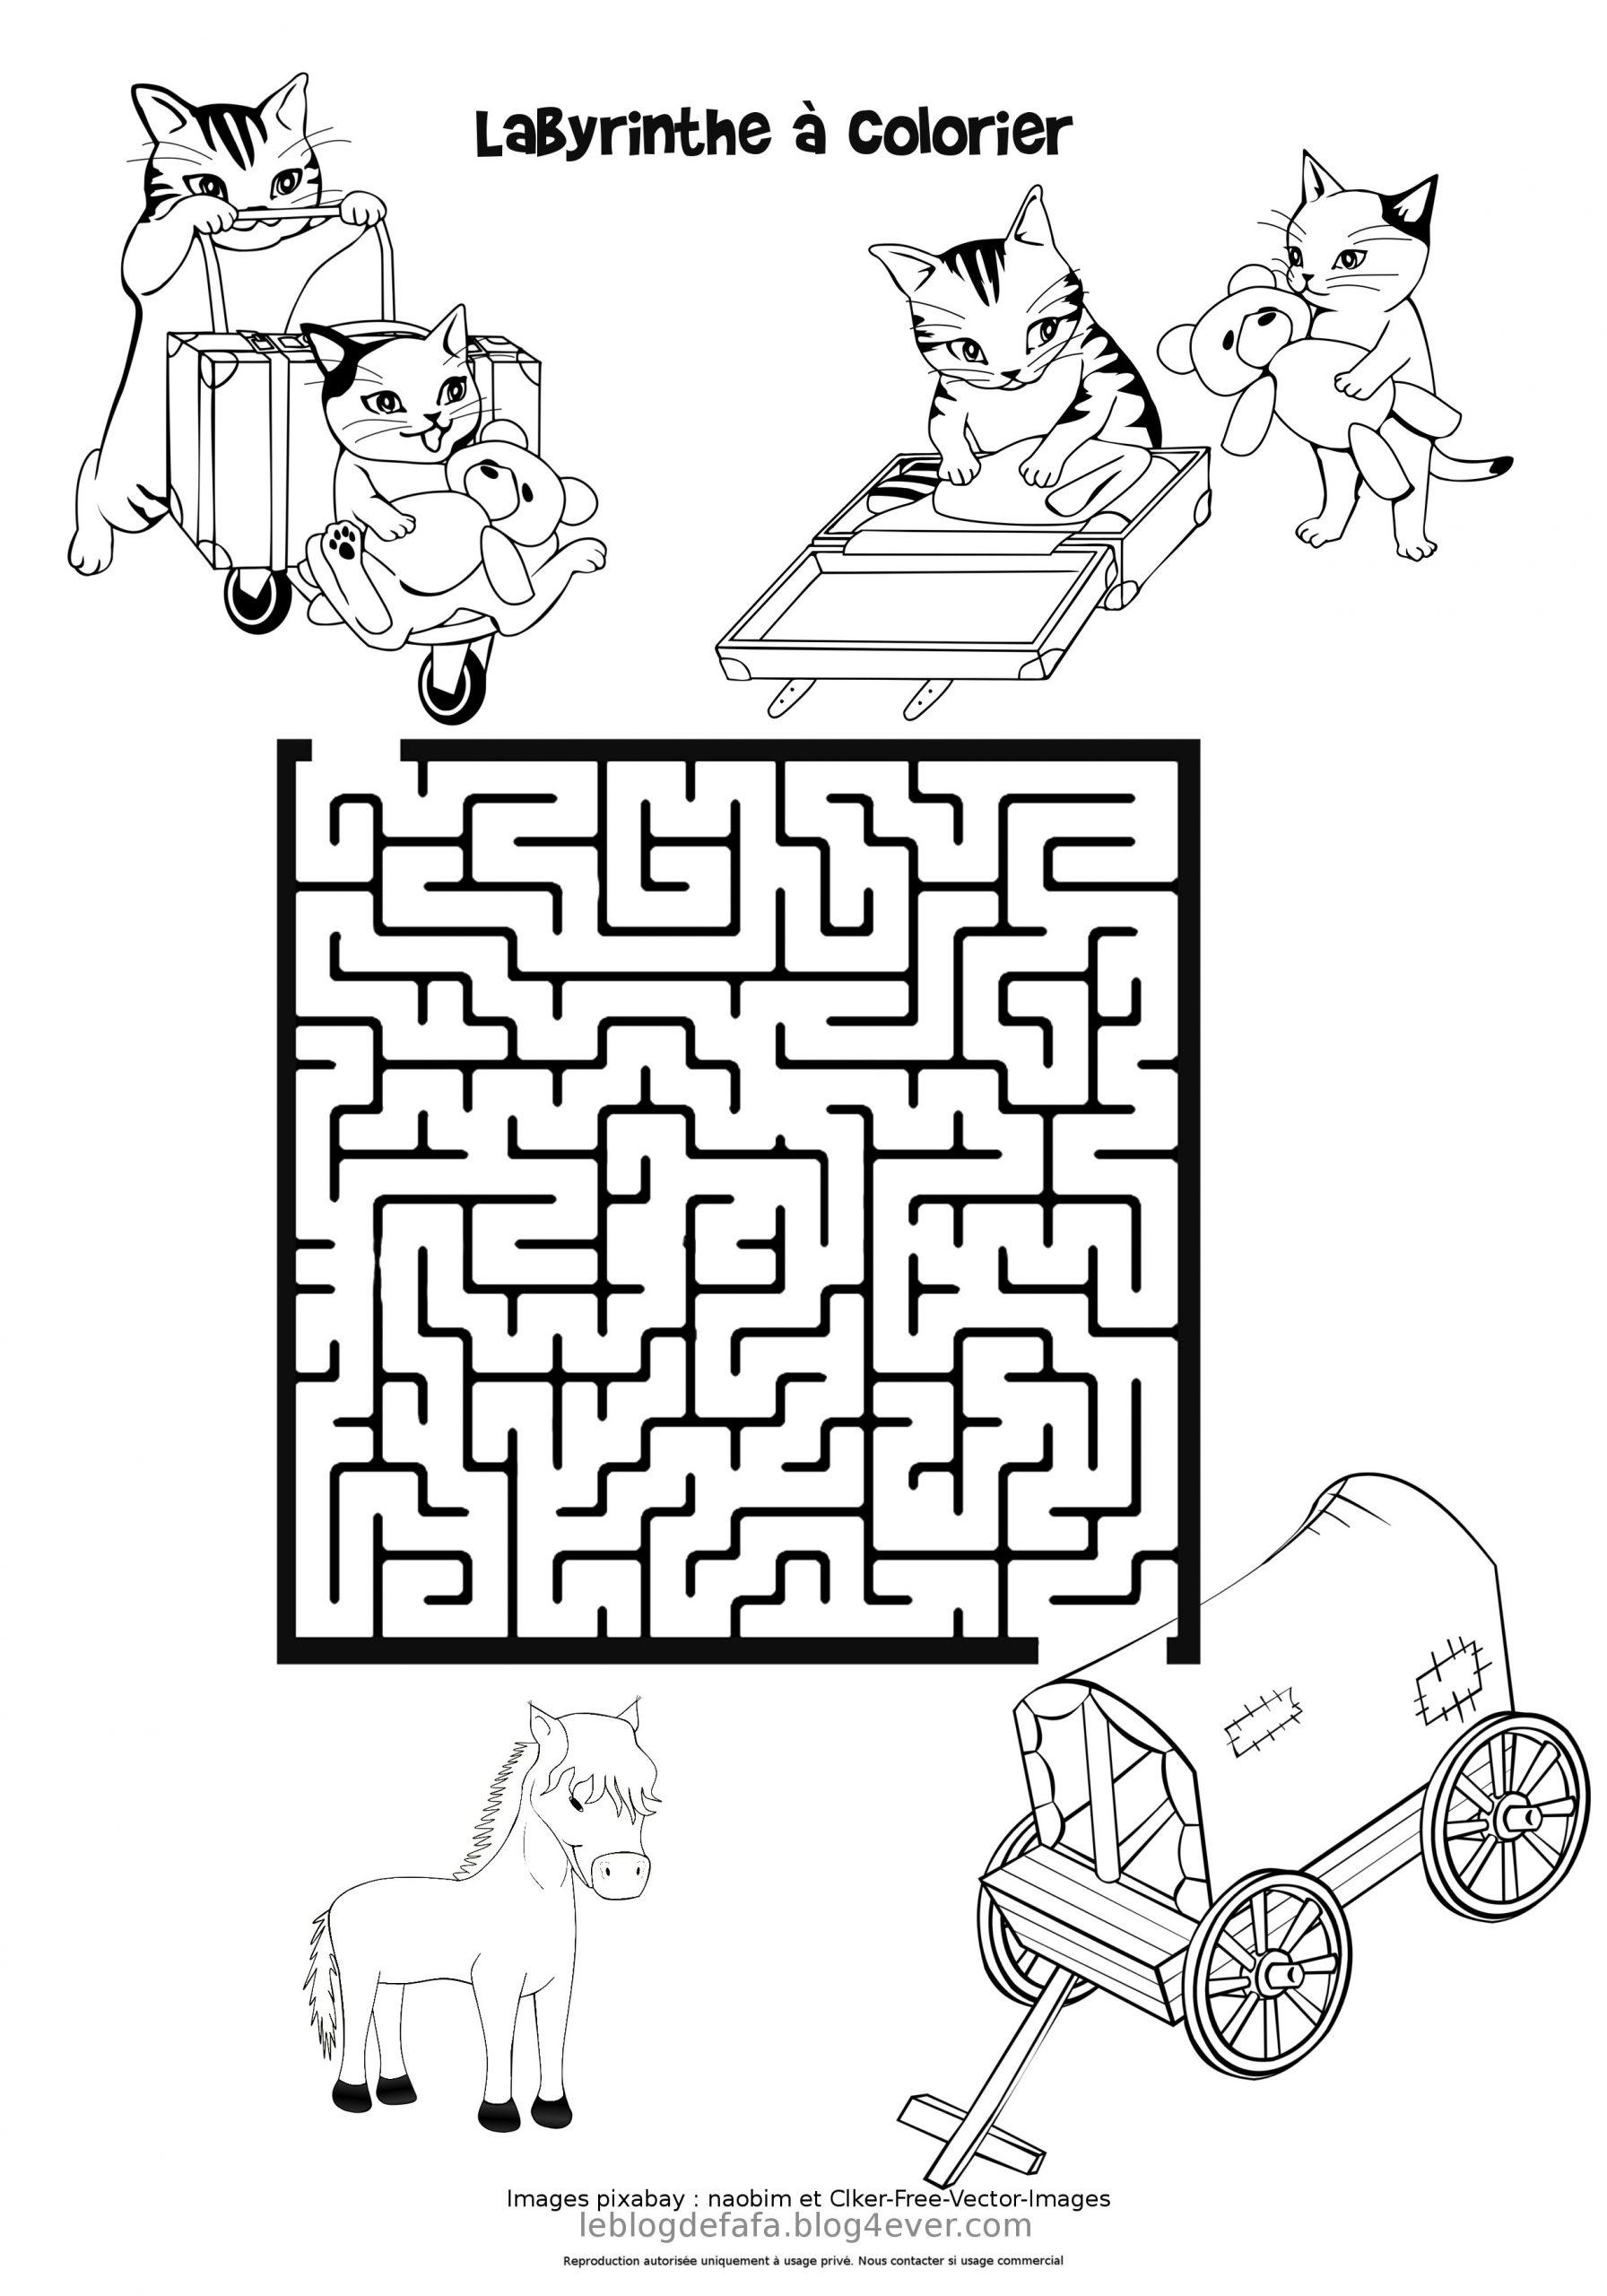 Jeux Chevaux Gratuits À Imprimer : Labyrinthes, Apprendre À dedans Labyrinthes À Imprimer